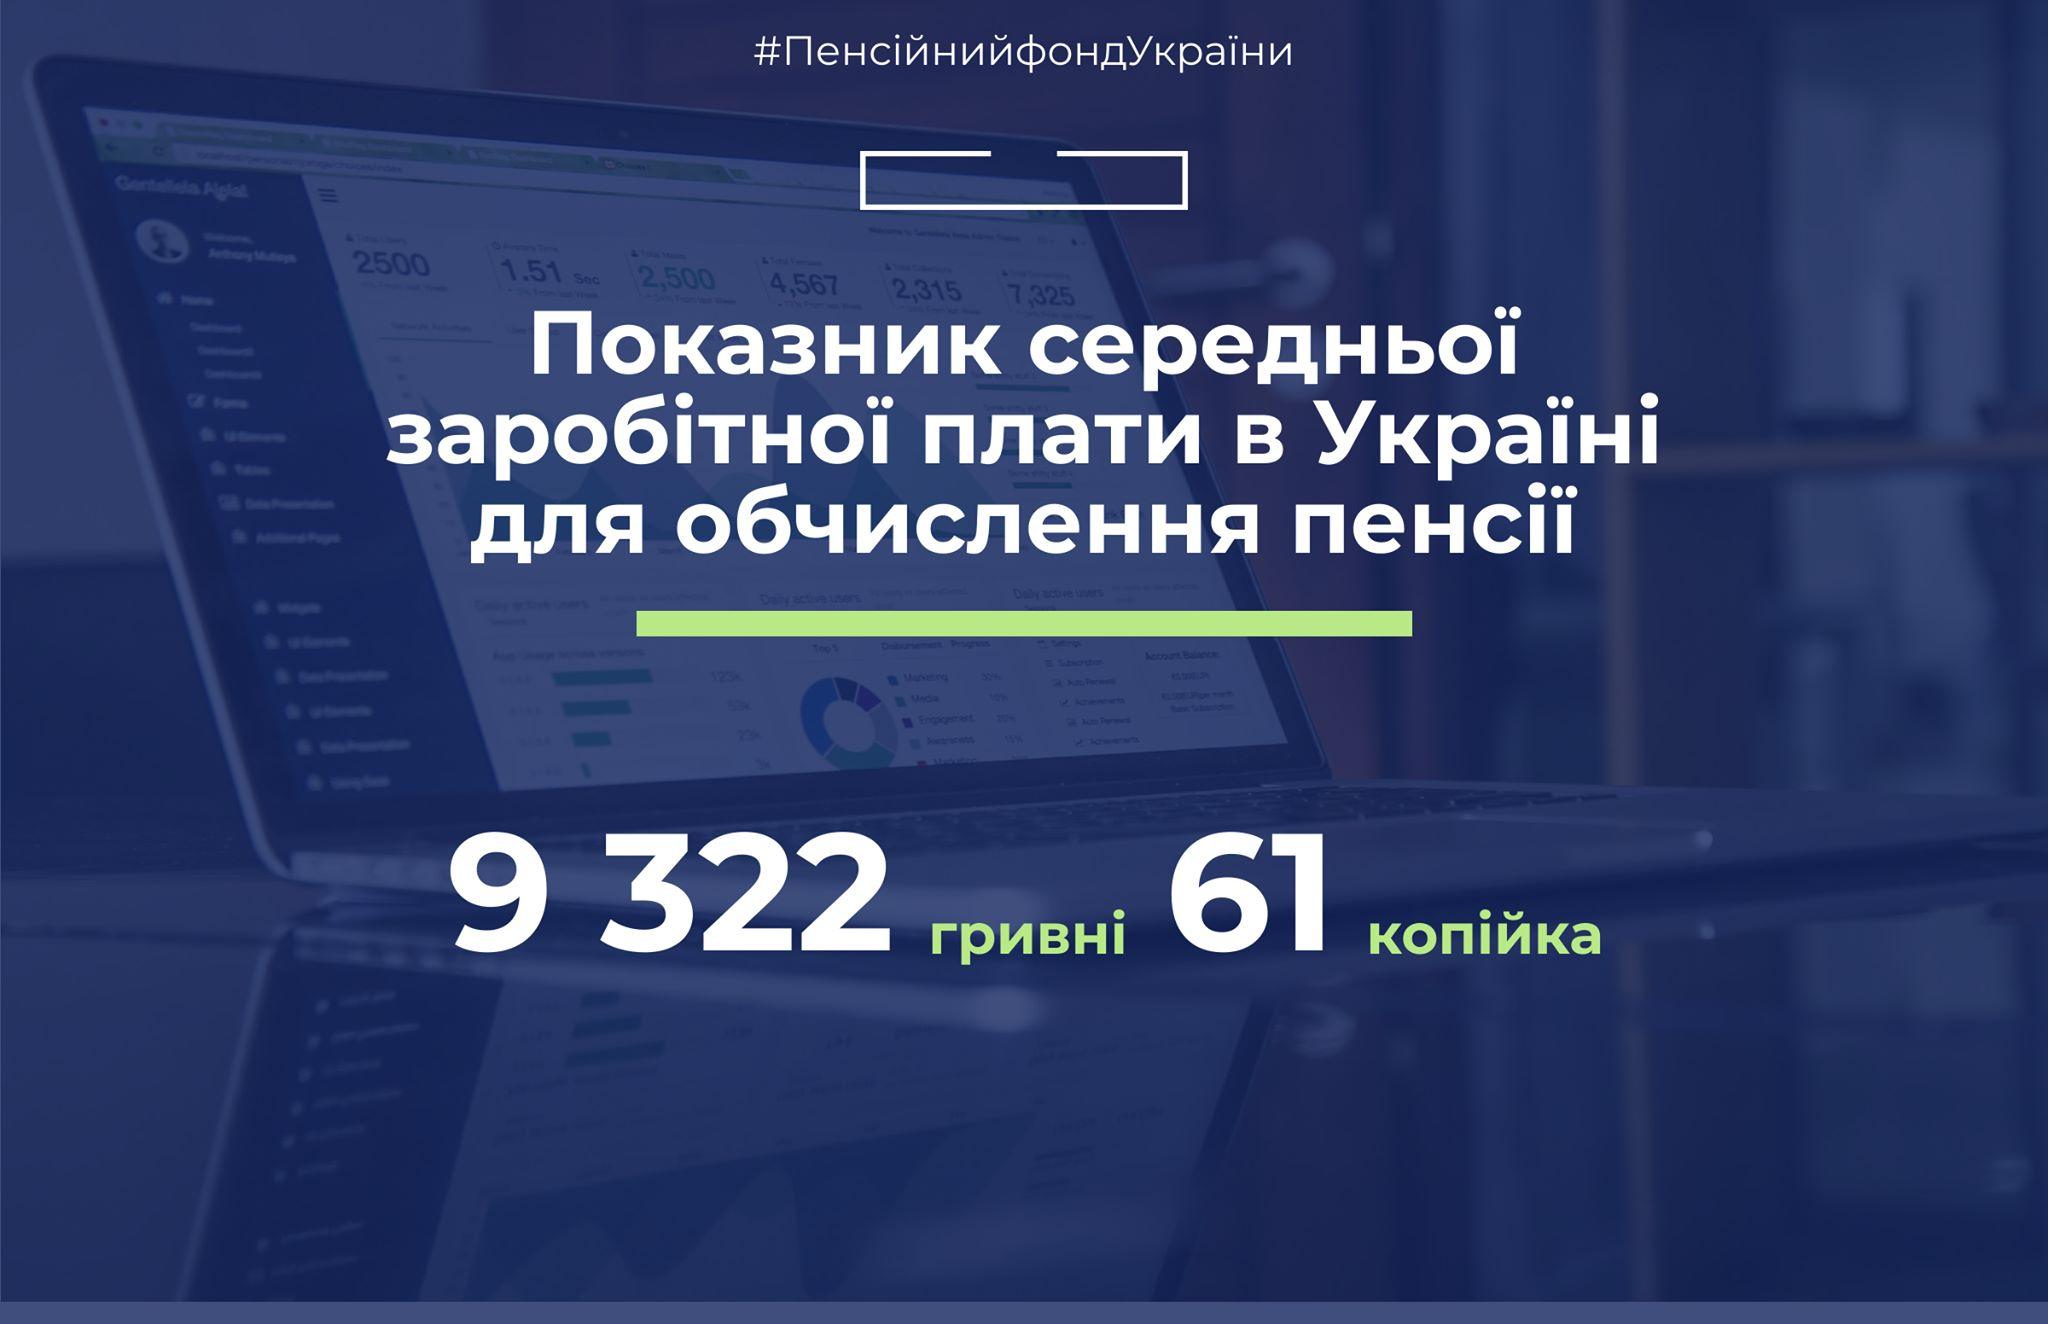 В Україні змінили показник середньої зарплати для розрахунку пенсій: подробиці